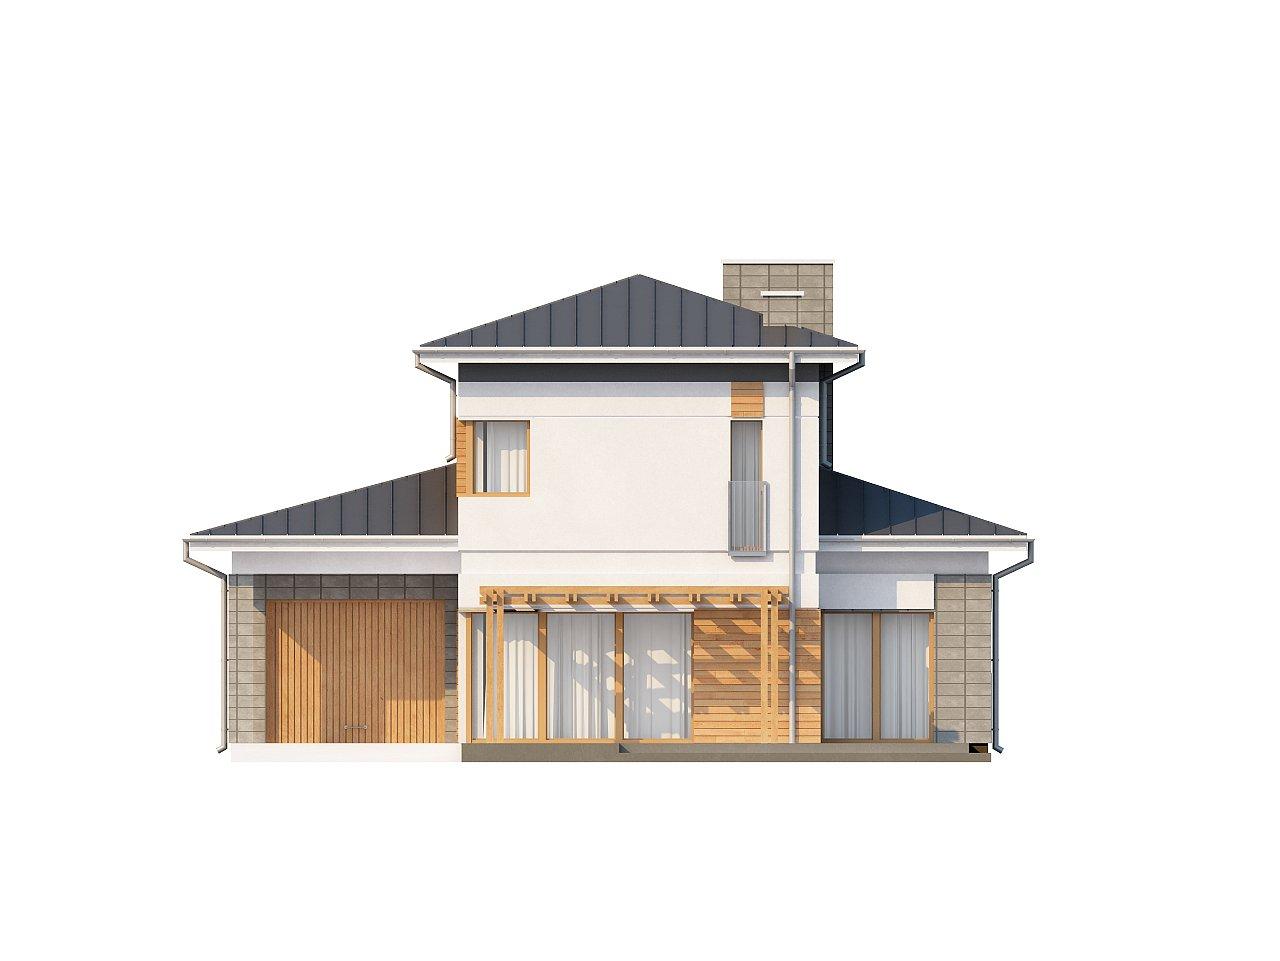 Проект удобного двухэтажного дома в стиле модерн с боковым гаражом. 3